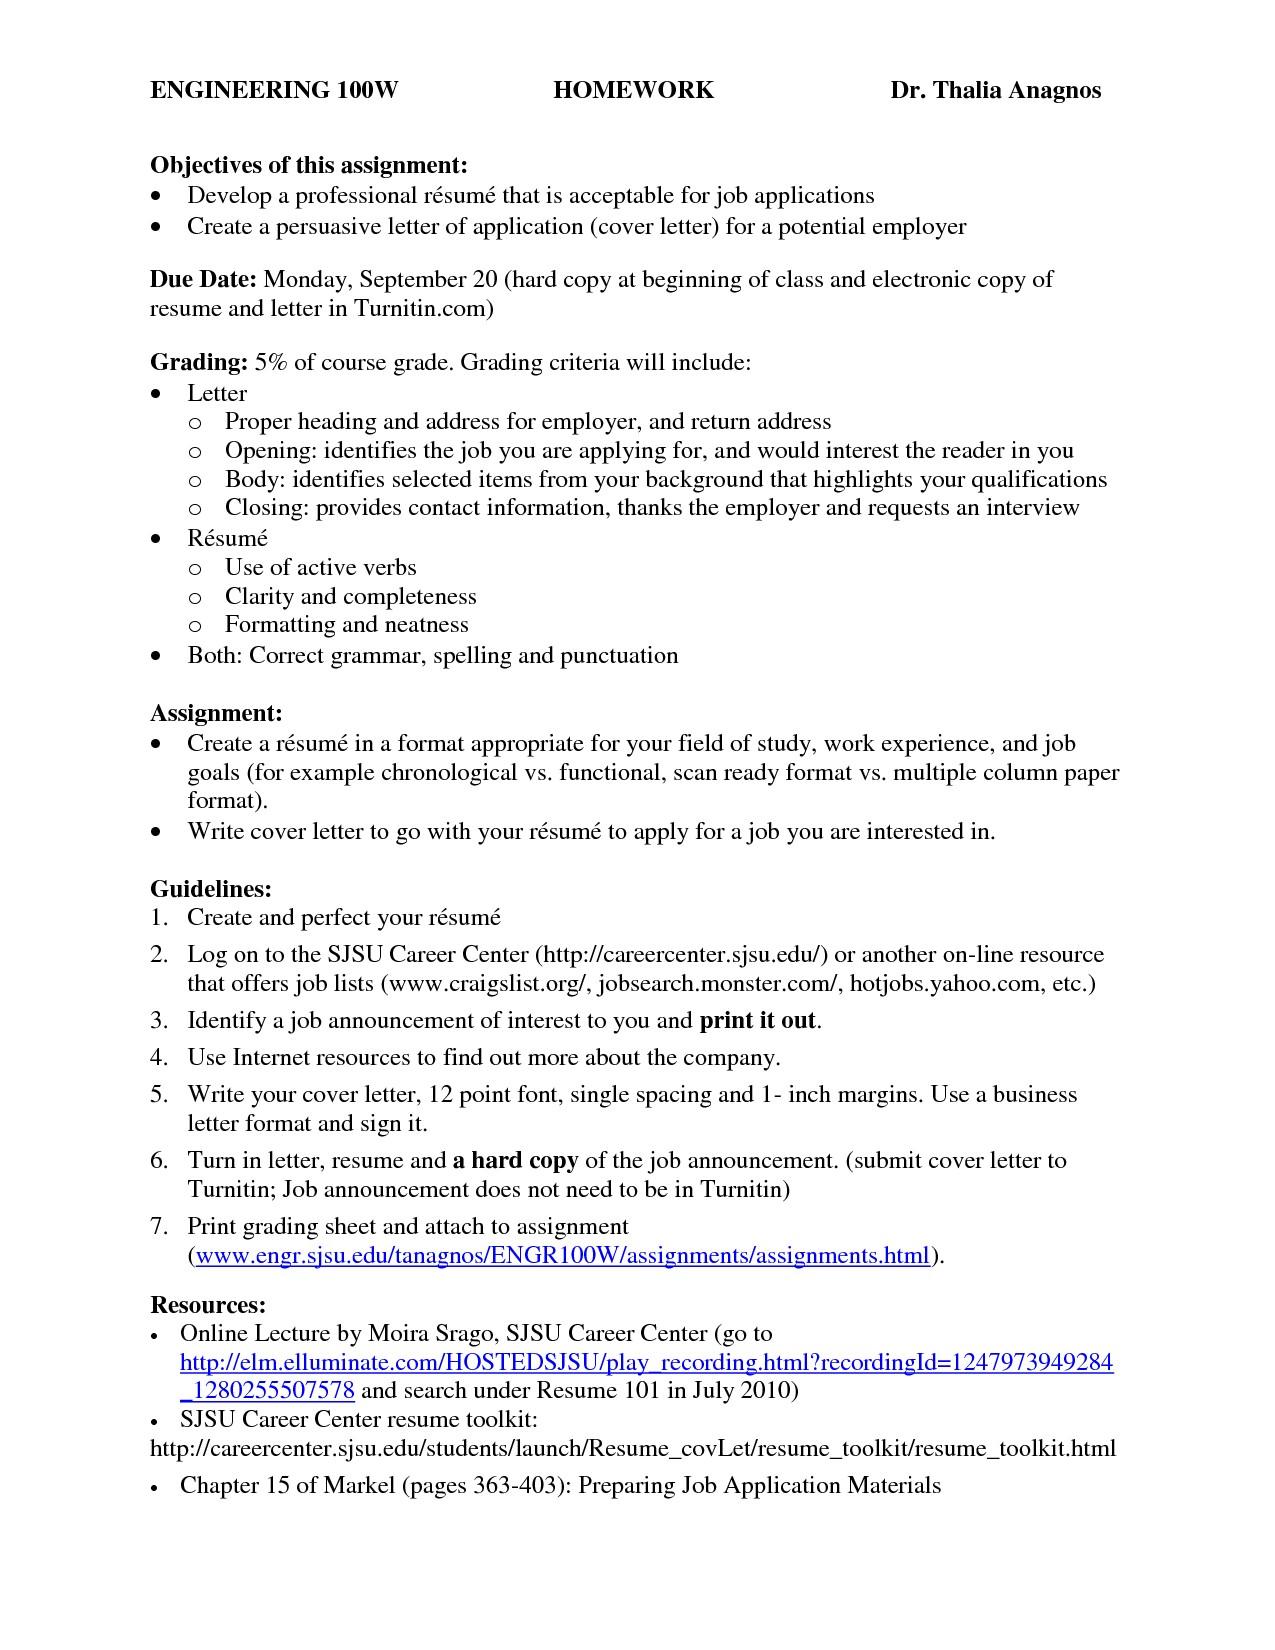 Resume Format Purdue Owl